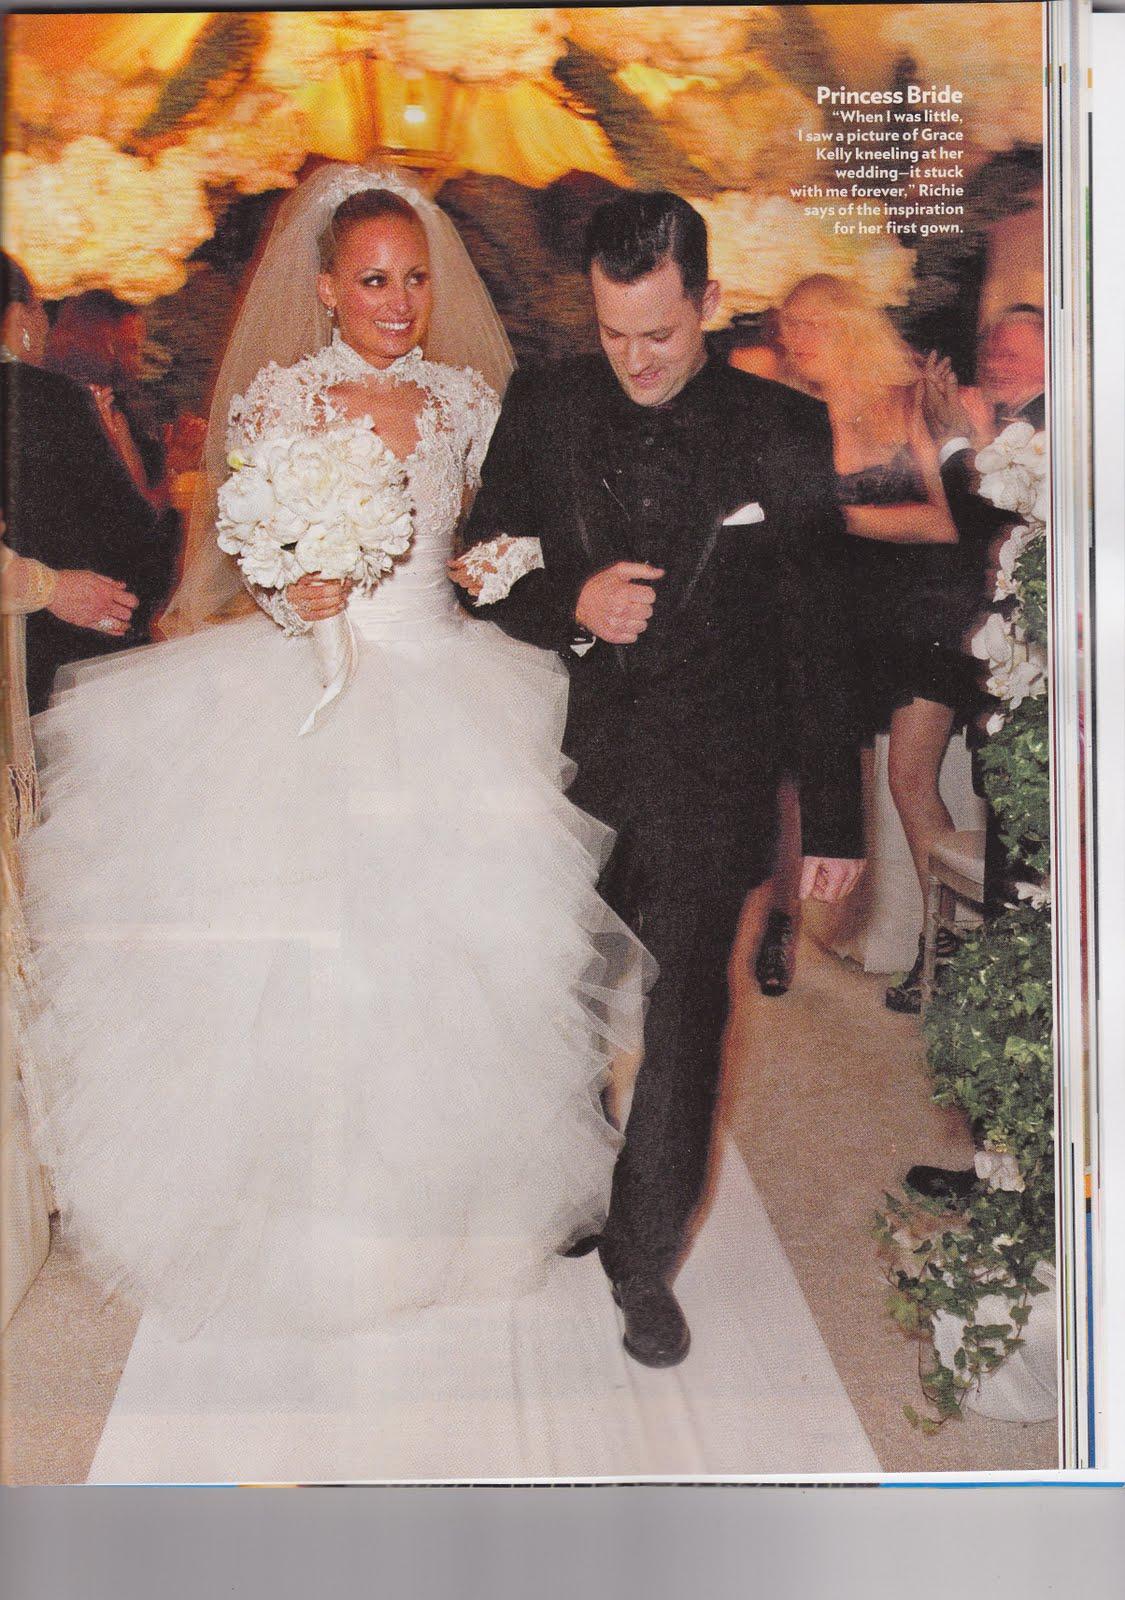 http://3.bp.blogspot.com/_ygRAqJeep-s/TQyu2dNj5lI/AAAAAAAAHfA/Qq4_THtIScA/s1600/nicole-richie-joel-madden-people-magazine-wedding-2.jpg